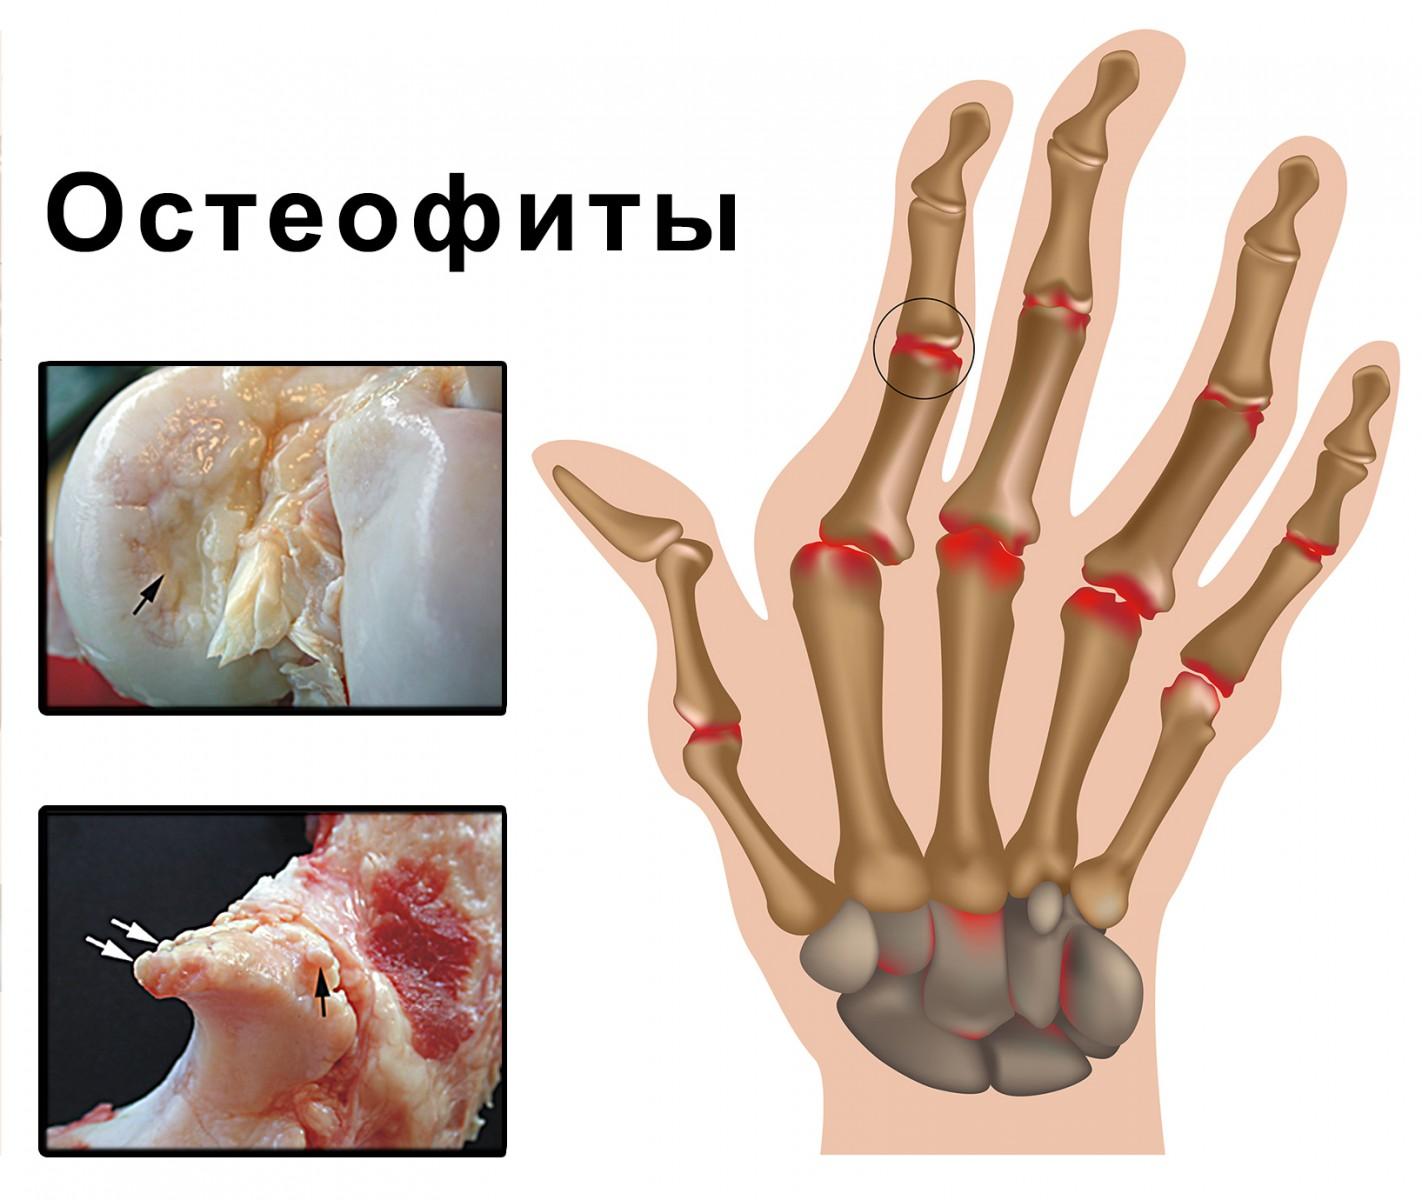 таких статей какой врач лечит артроз кистей рук тема просто